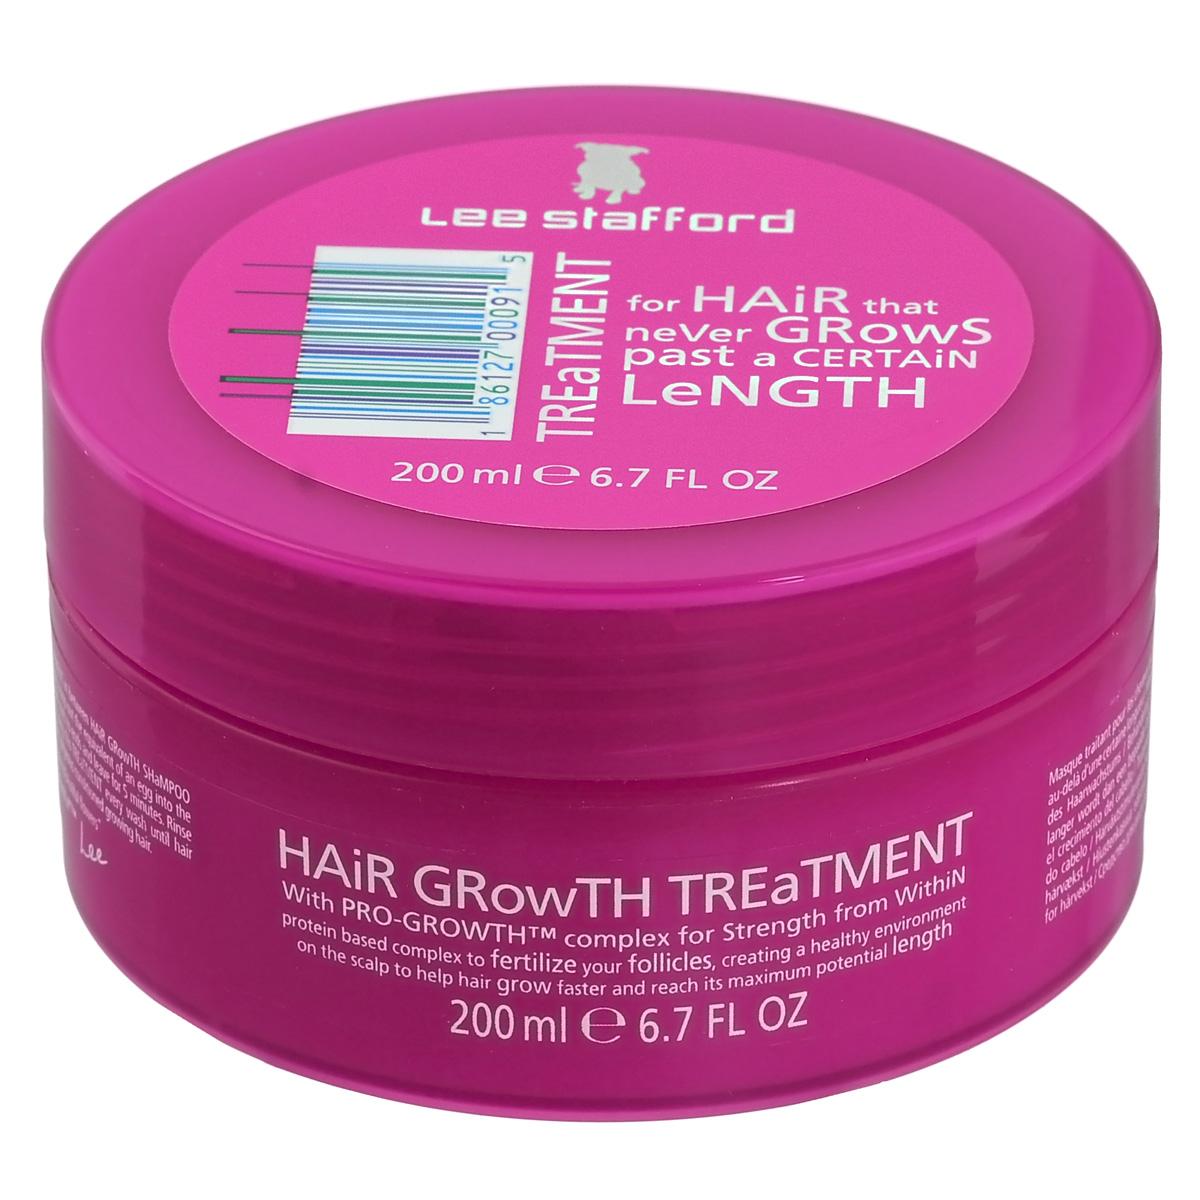 Lee Stafford Маска для роста волос Hair Growth, 200 млHS-81207705200217 Lee Stafford Маска для роста волос Hair Growth Treatment, 200 мл. Бережно ухаживает за волосами. Помогает сделать расчесывание волос более легким, придает волосам природный блеск и ухоженный вид